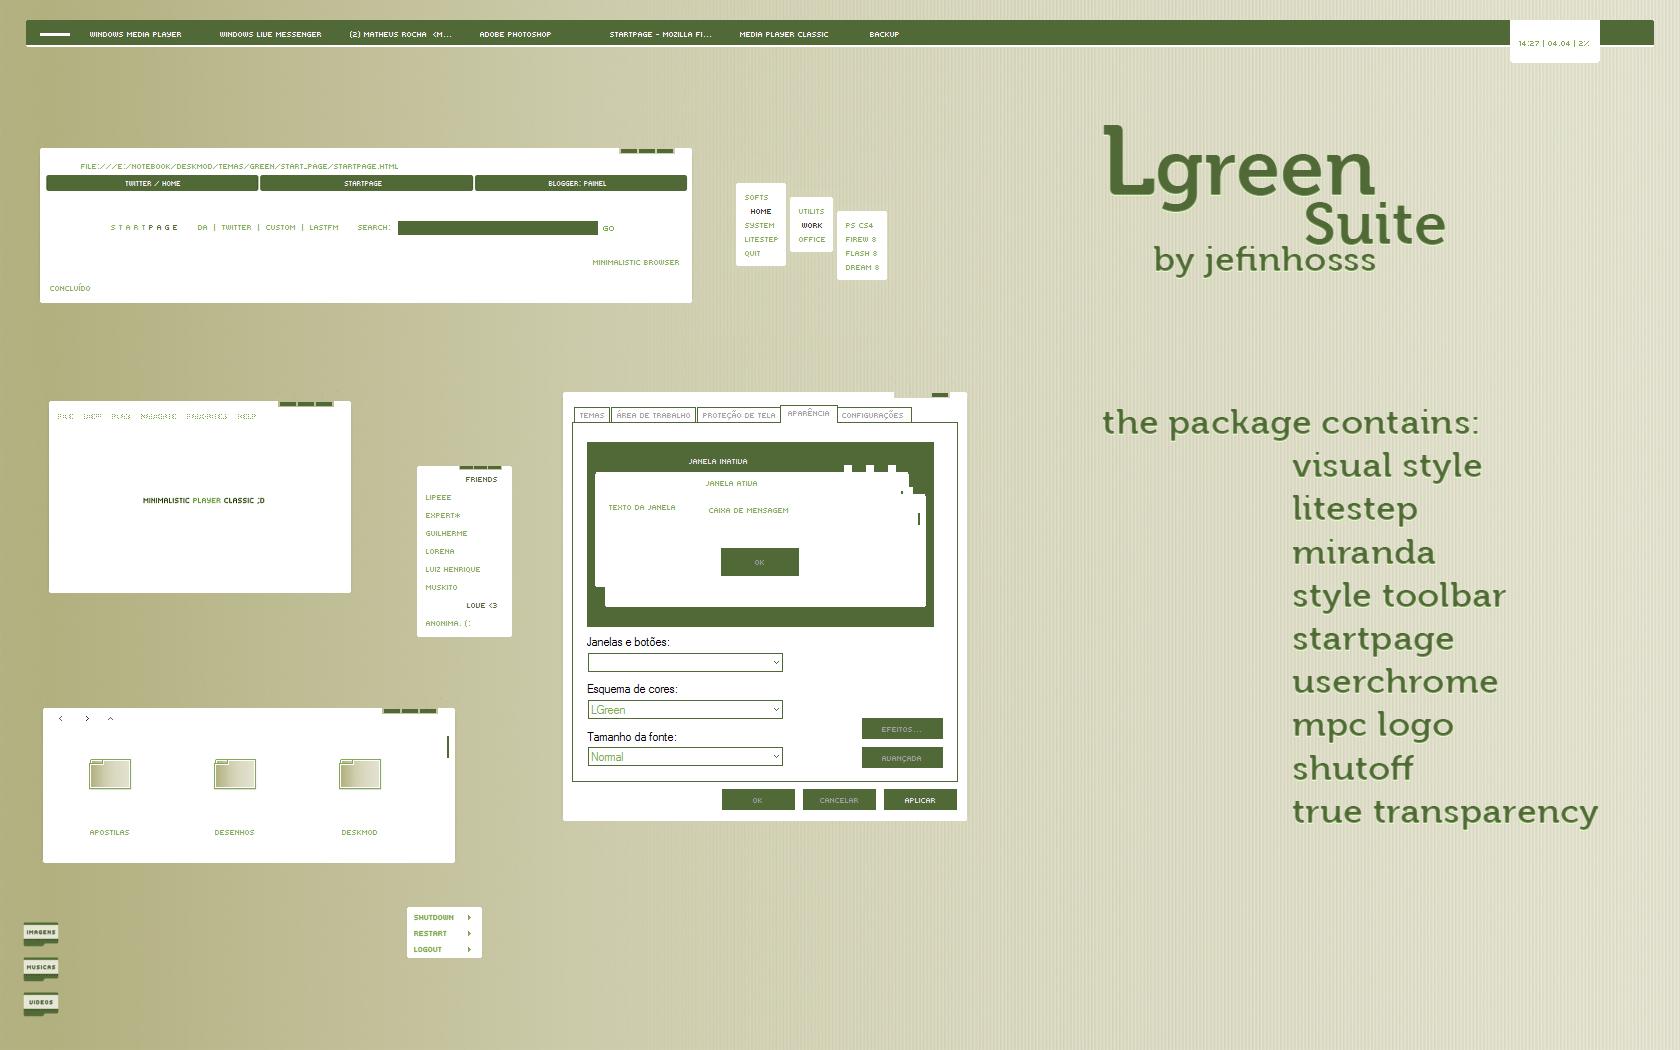 Lgreen Suite by jeff-saiint